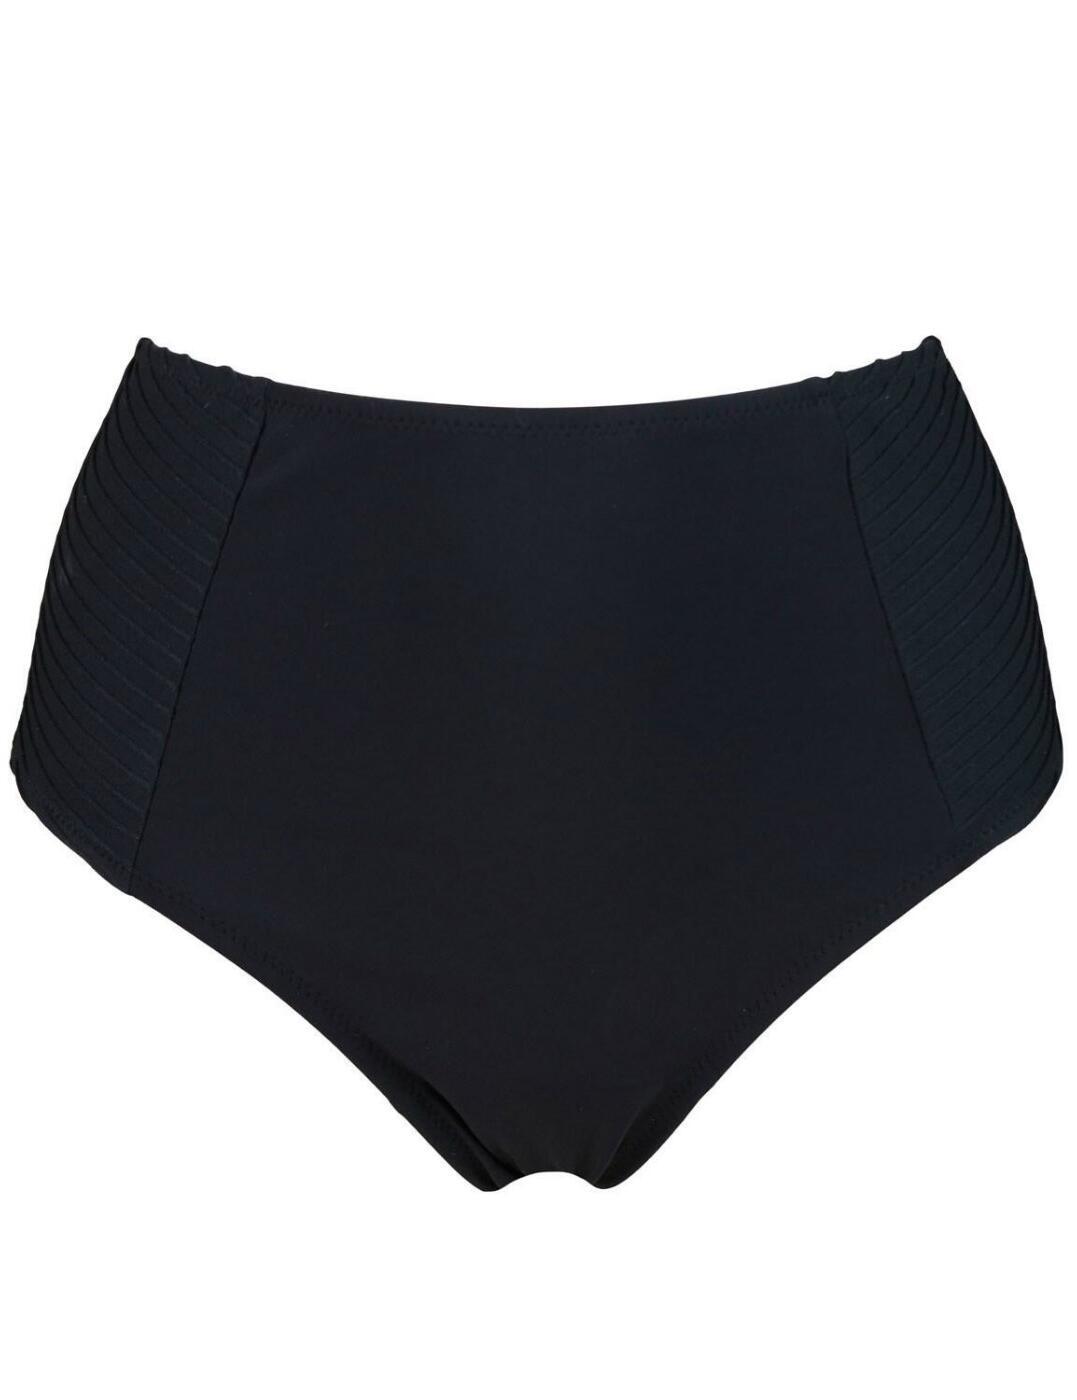 Pour Moi Hot Spots Control Bikini Brief Pant 3905 Navy Blue